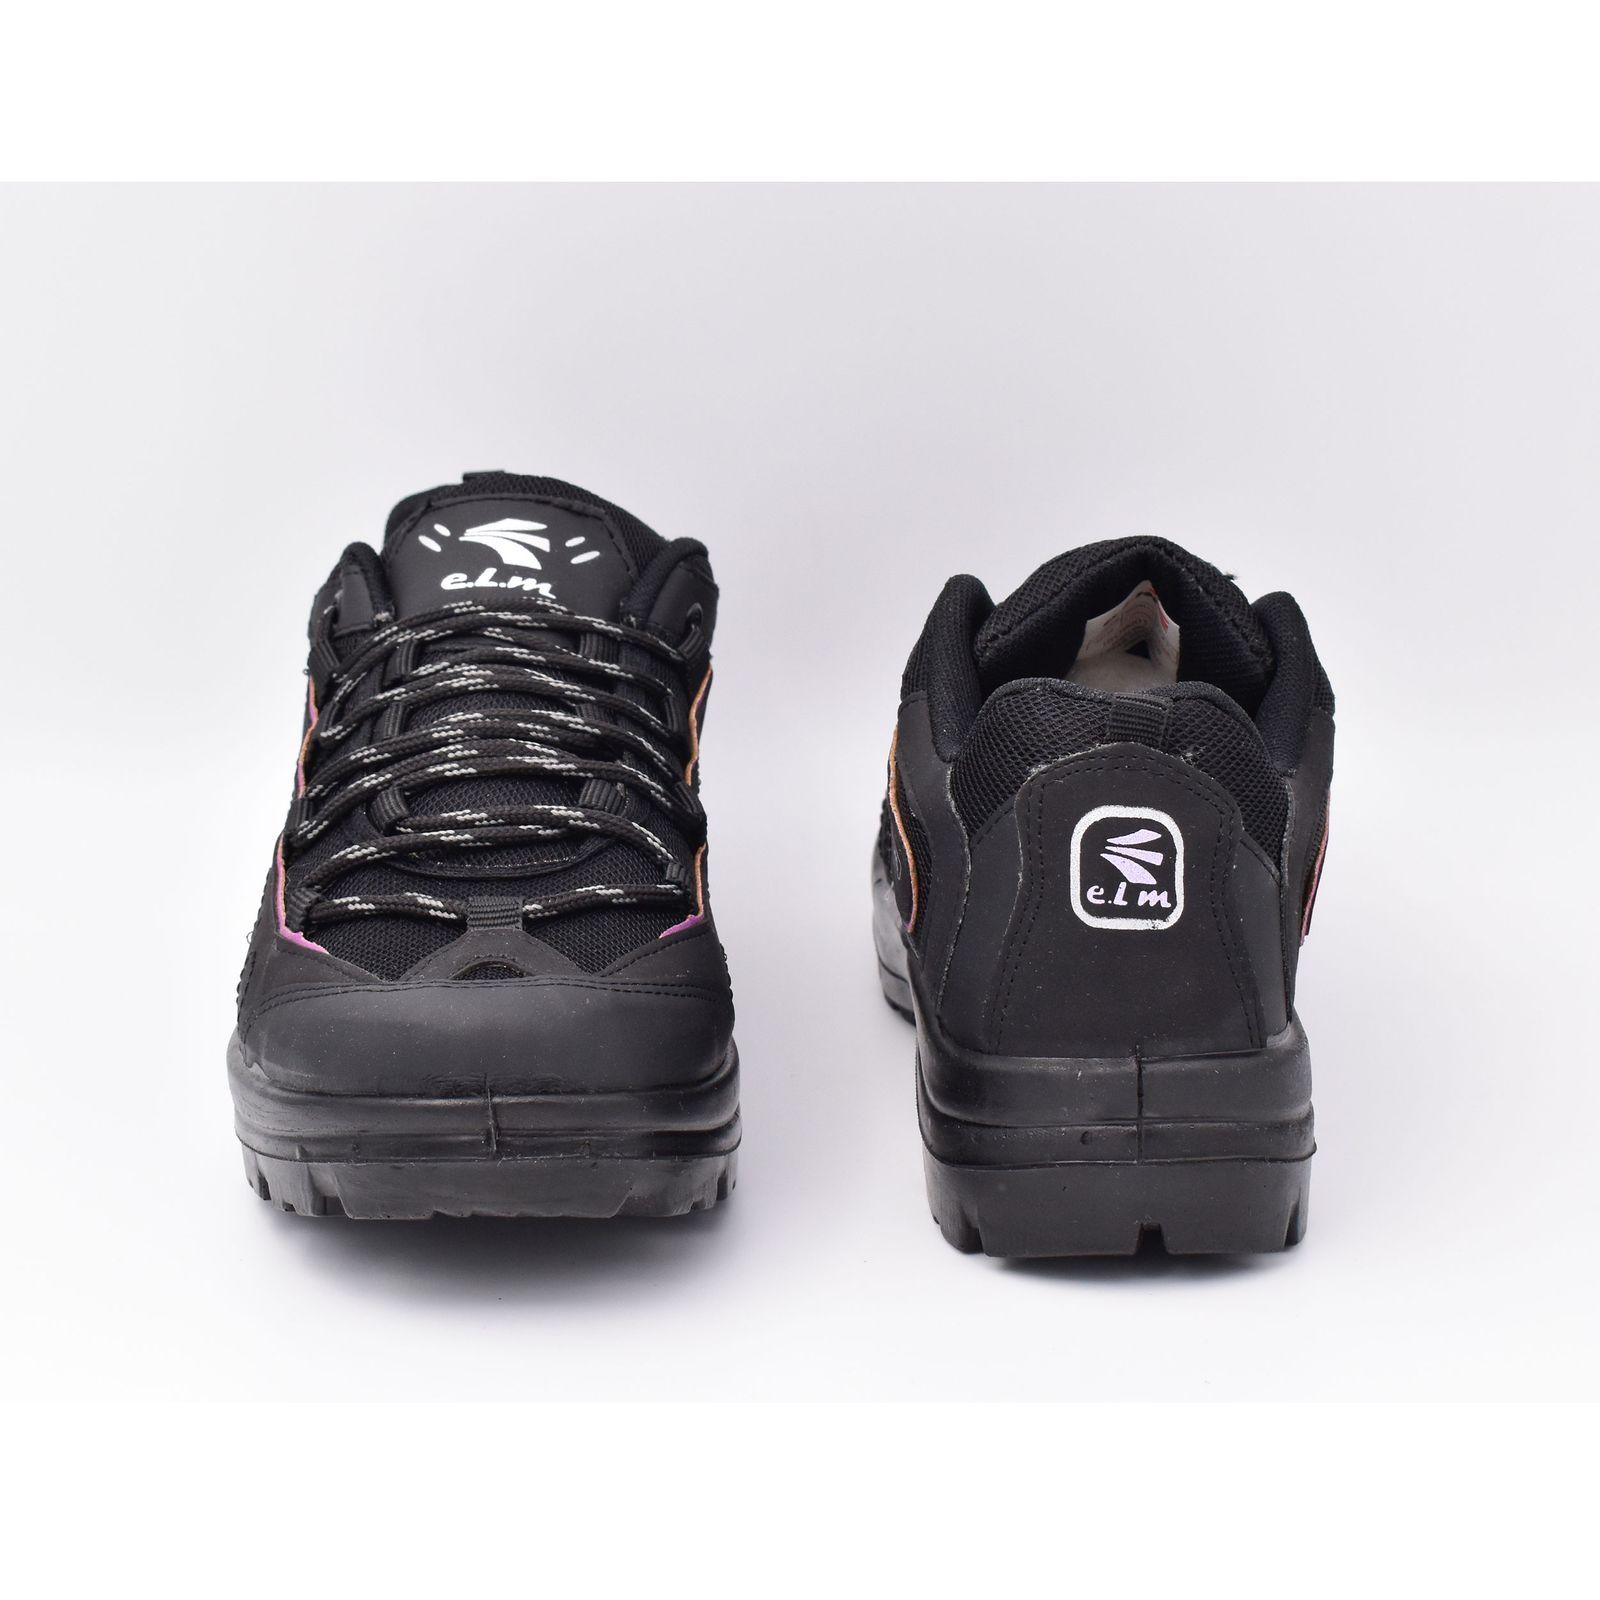 کفش پیاده روی زنانه ای ال ام مدل هیوا کد 7726 -  - 10